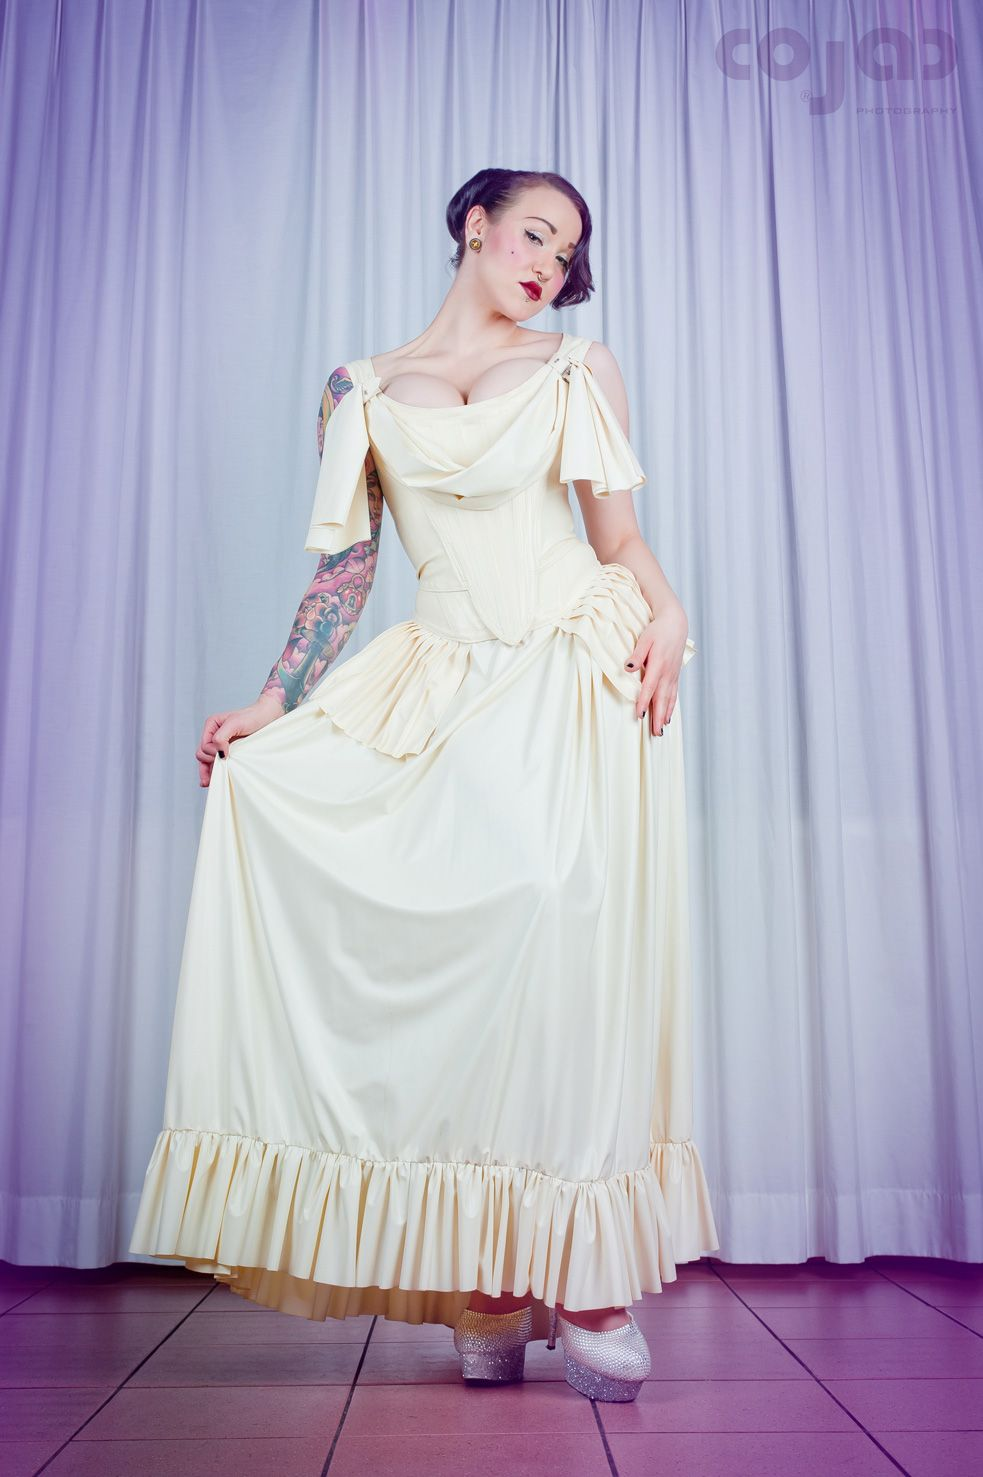 Excepcional Wedding Dress Fetish Bosquejo - Ideas de Estilos de ...